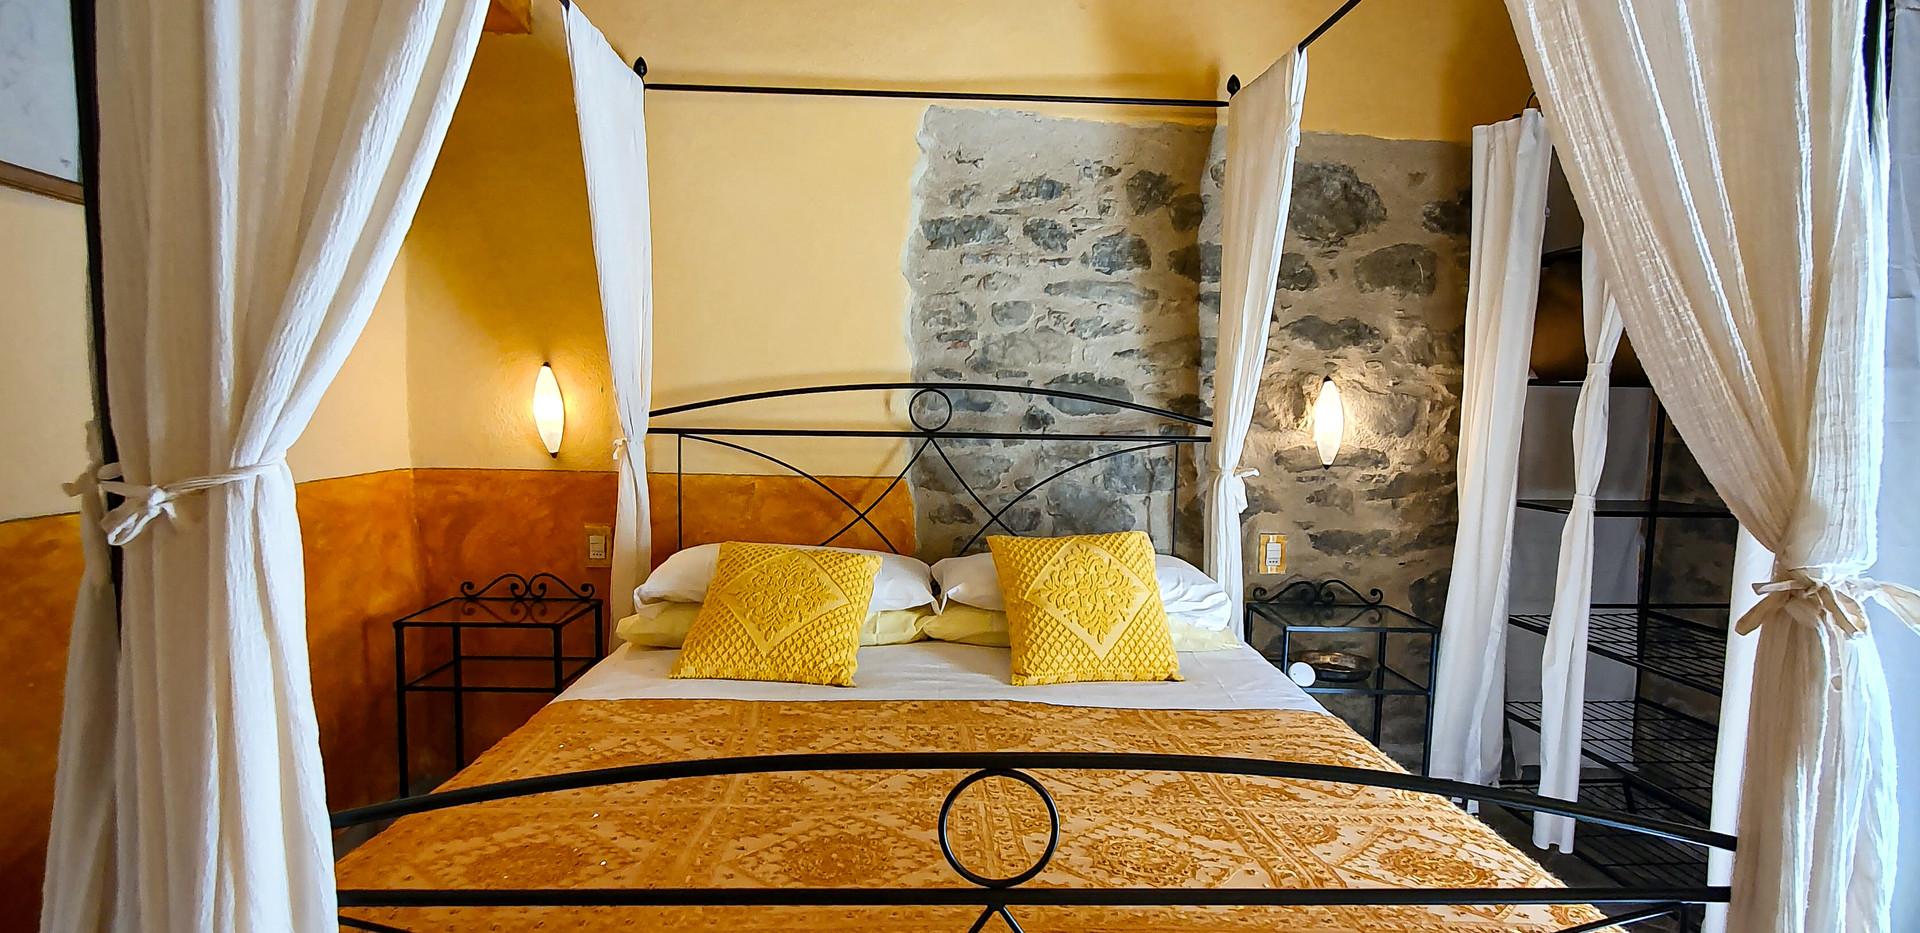 La Dolce Vita - 1st bedroom